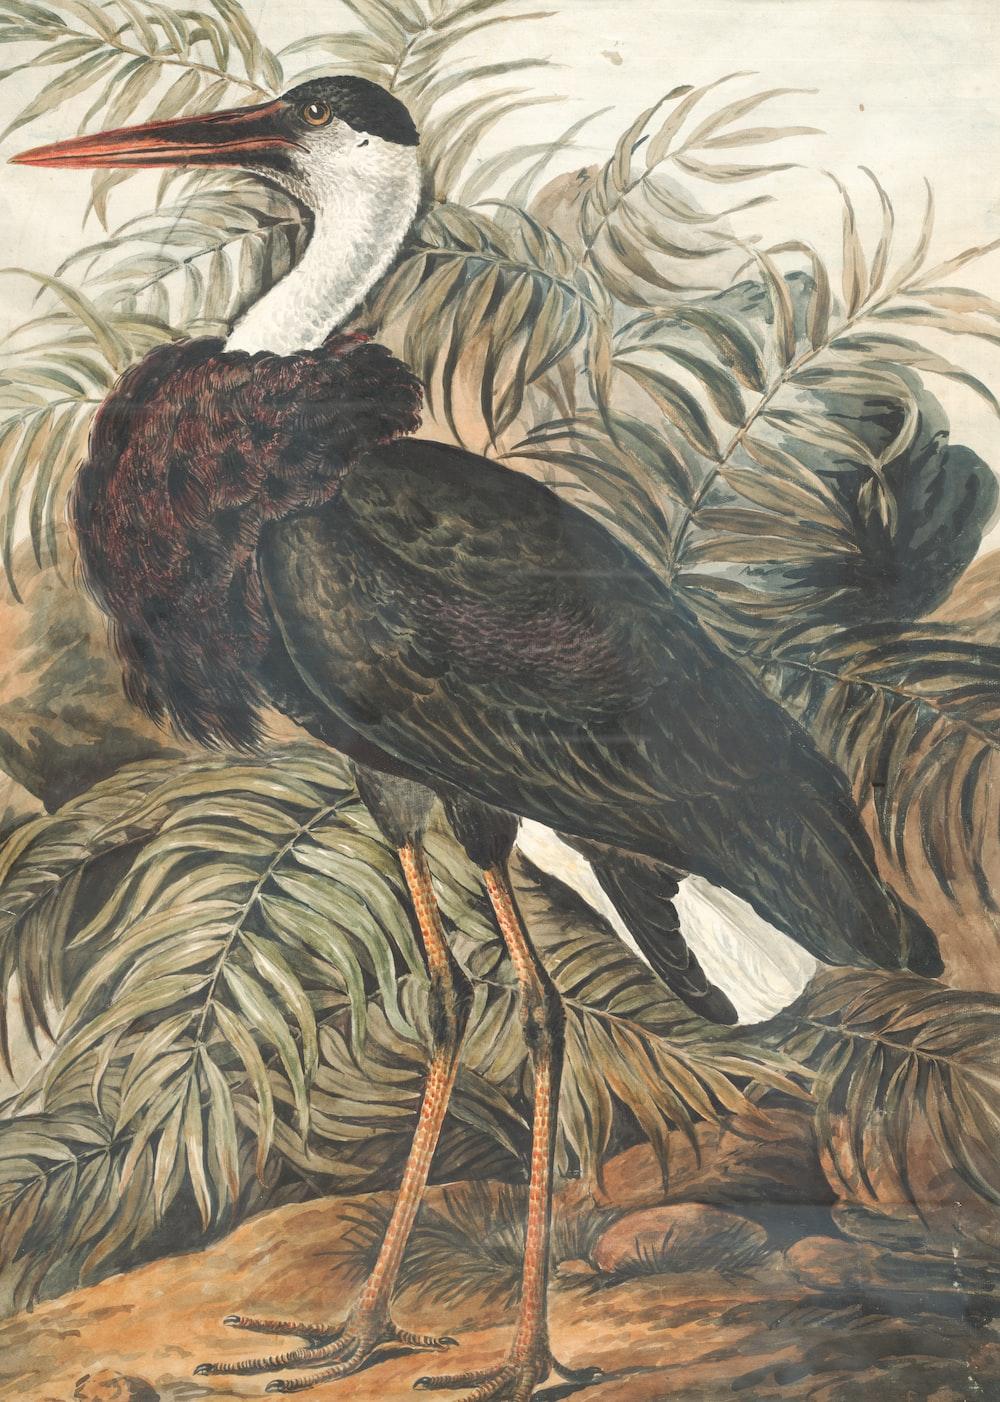 black and white crane bird painting